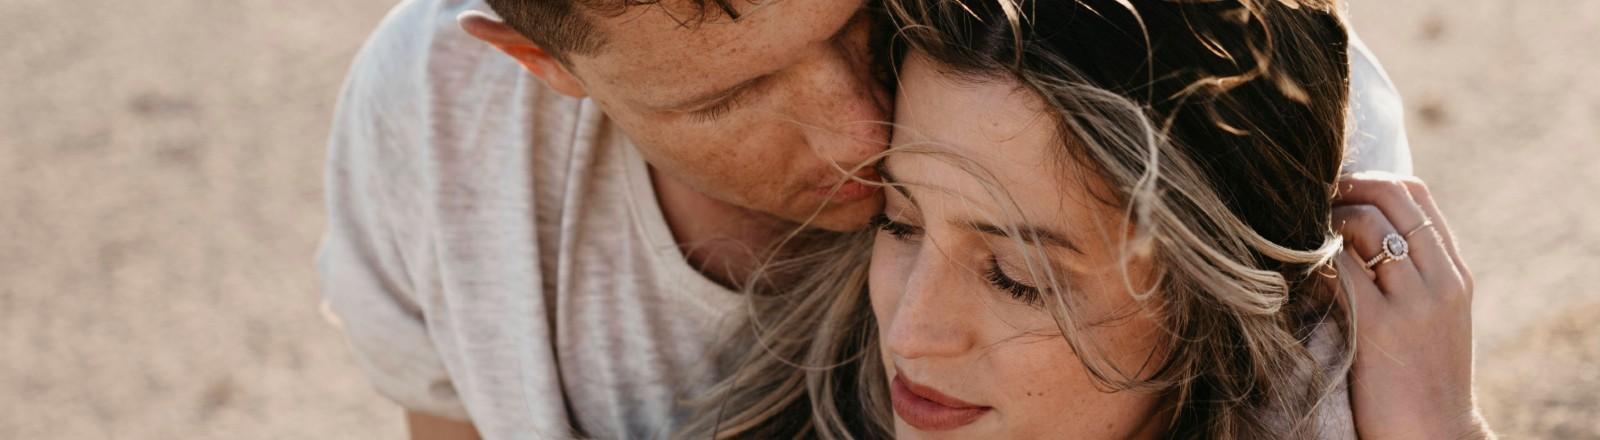 Junger Mann riecht am Kopf seiner Partnerin.